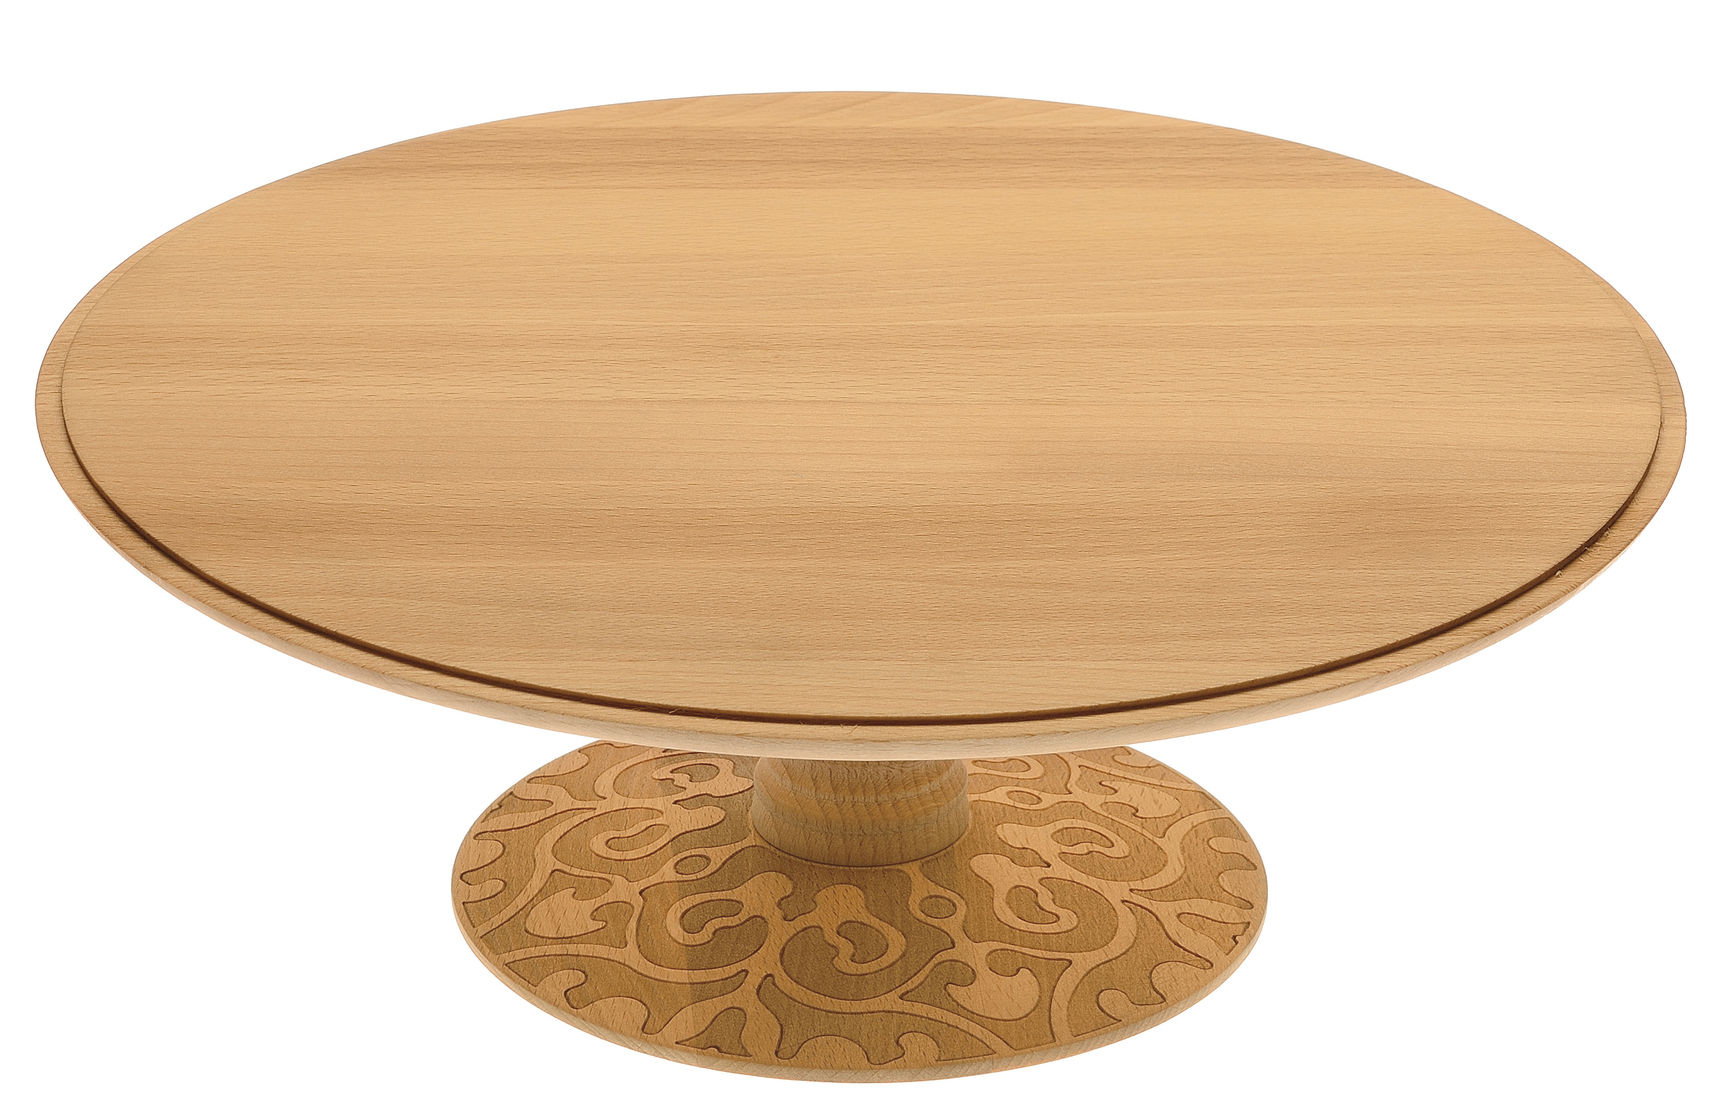 Arts de la table - Plats - Plat Dressed in Wood / Sur pied - Alessi - Bois naturel - Hêtre